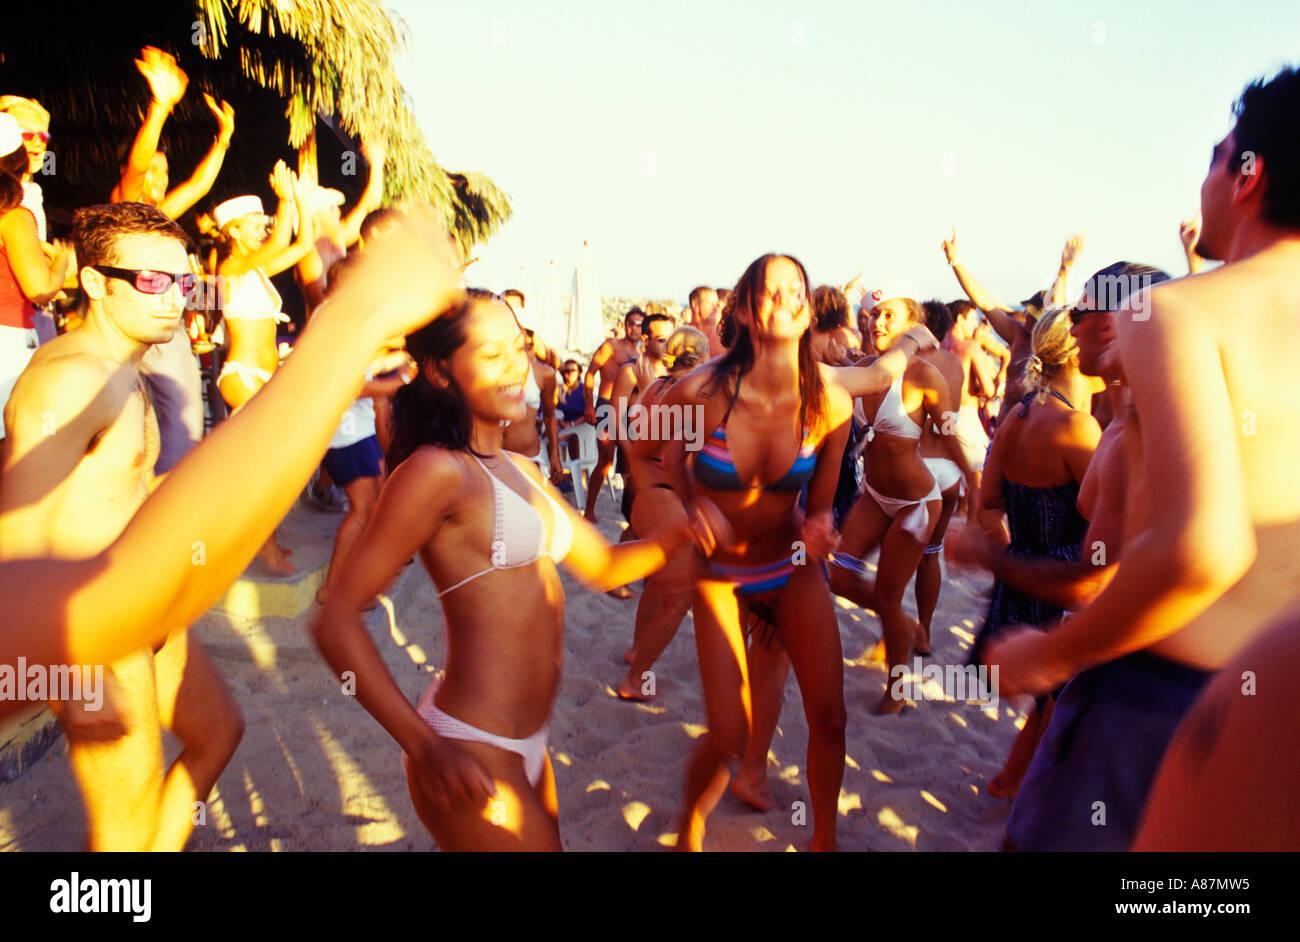 Girls dancing on Sa Trinchas beach Ibiza - Stock Image